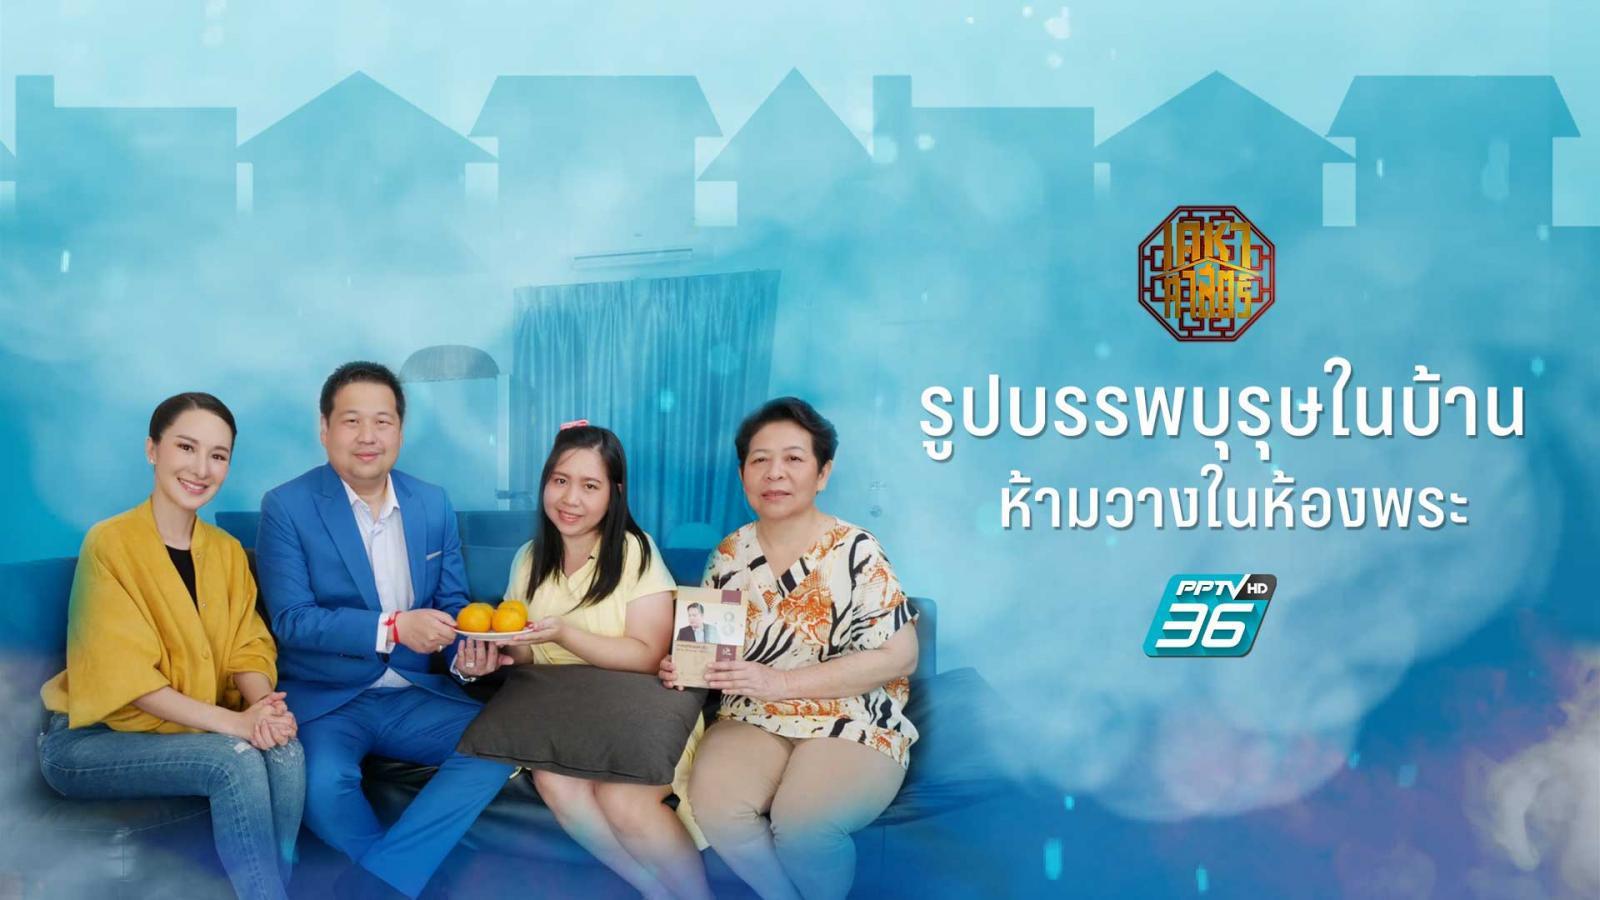 เคหาศาสตร์ | ตี่ลี่ ฮวงจุ้ย | รูปบรรพบุรุษในบ้าน ห้ามวางในห้องพระ  | PPTV HD 36